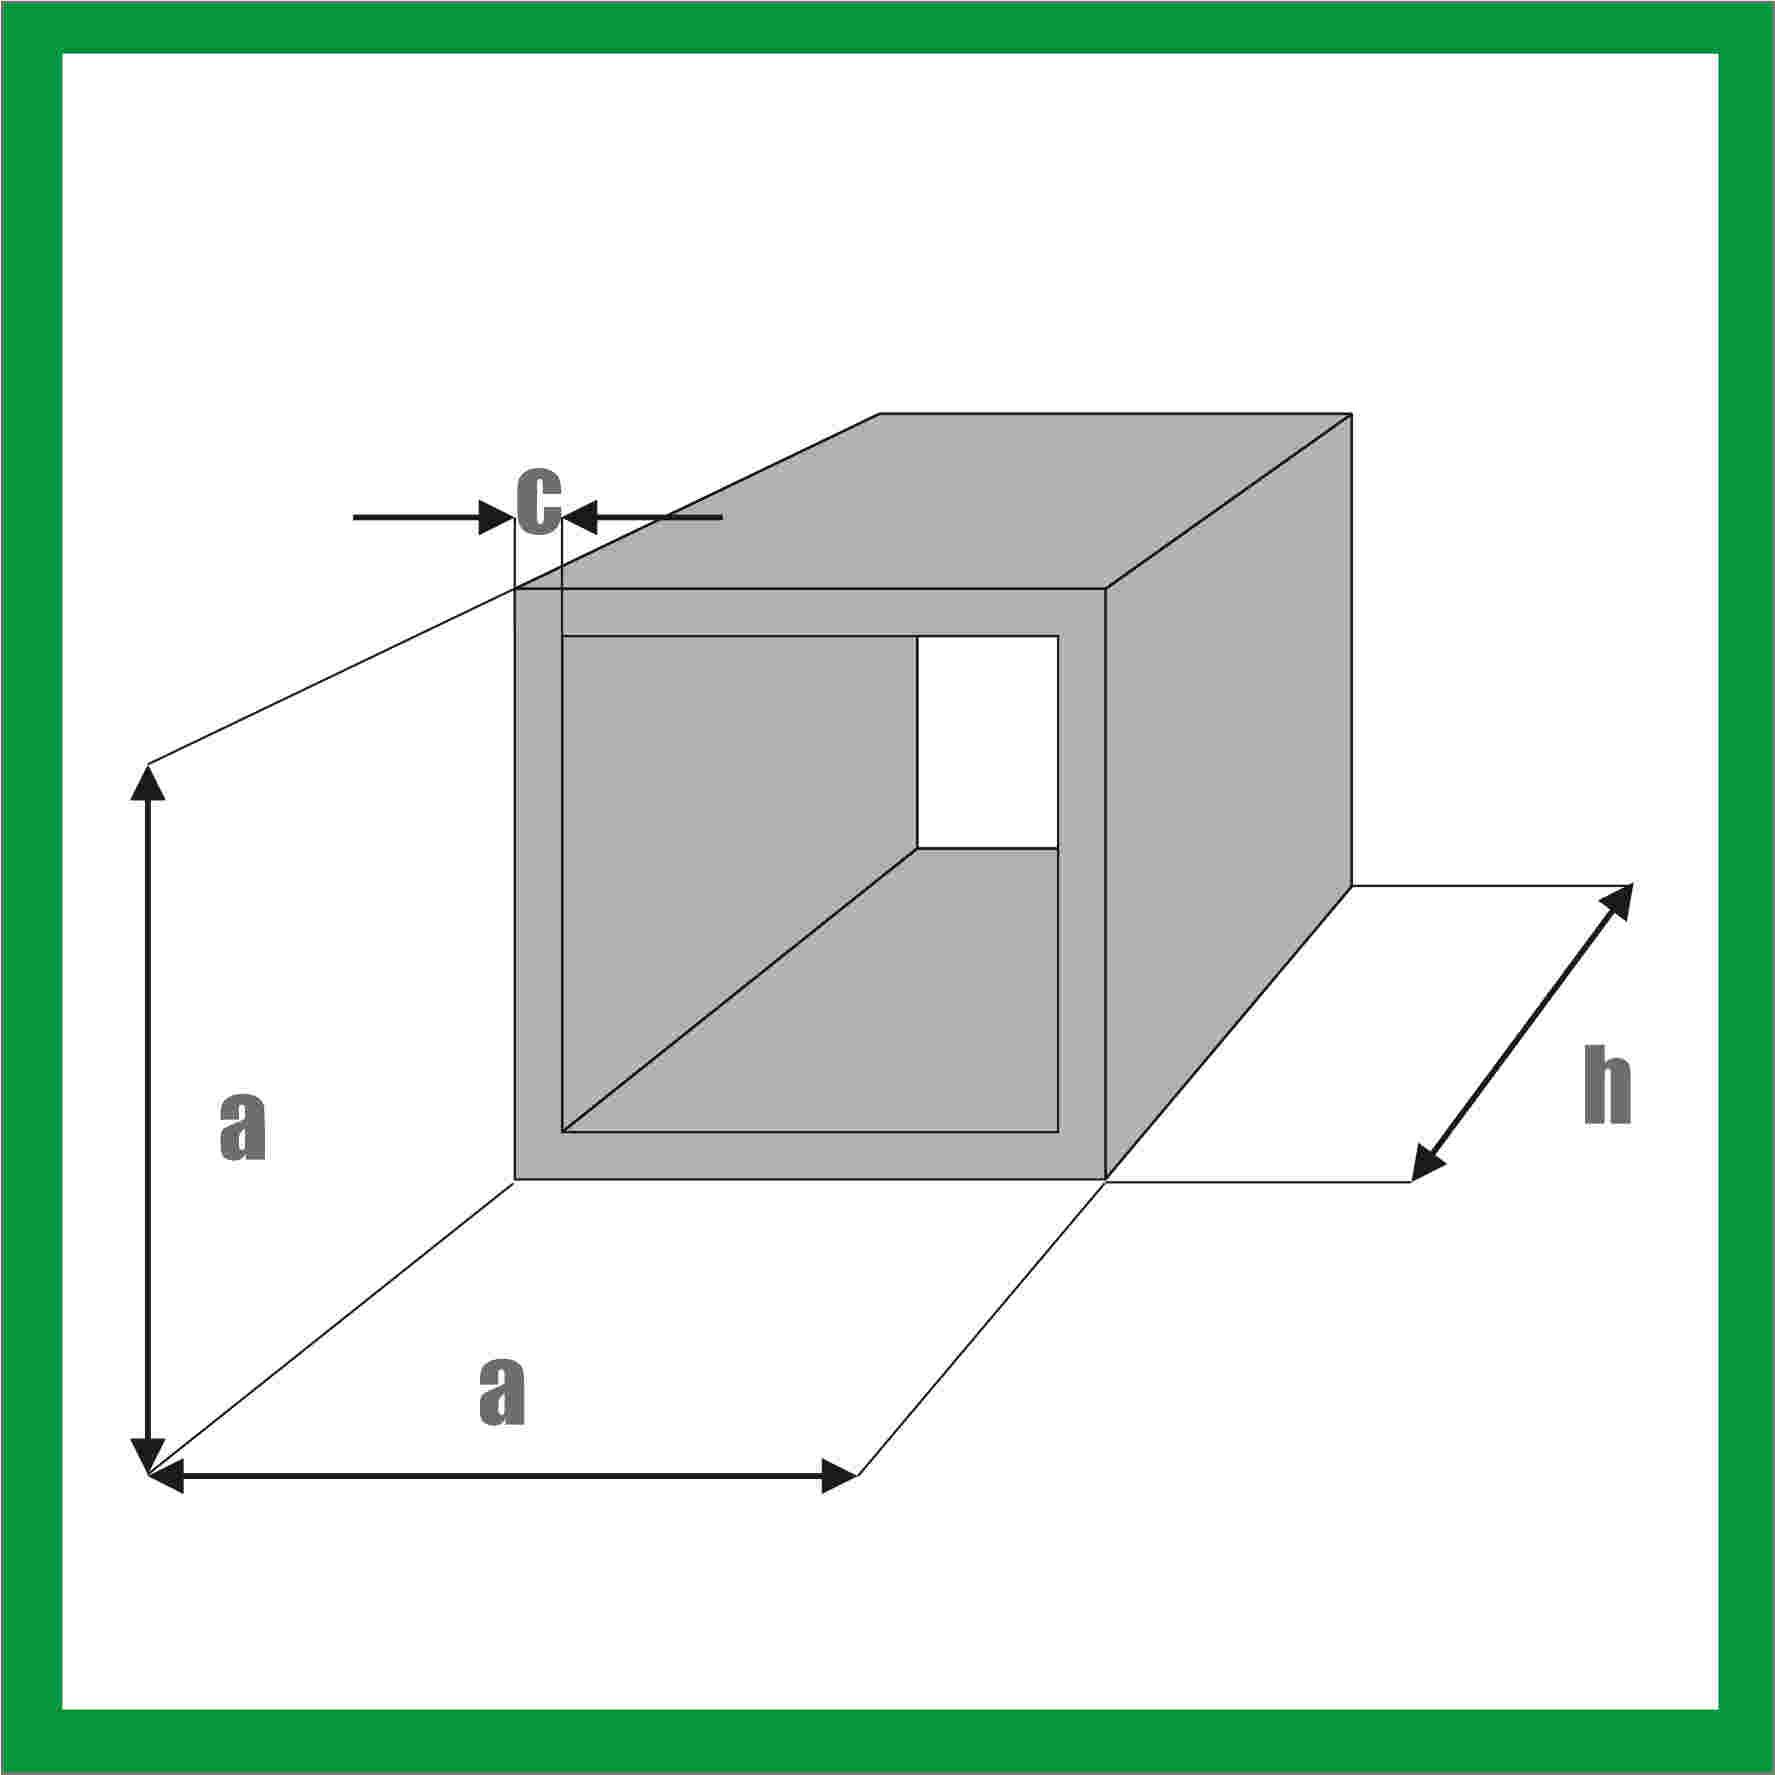 Rura kwadratowa mosiężna - wymiary